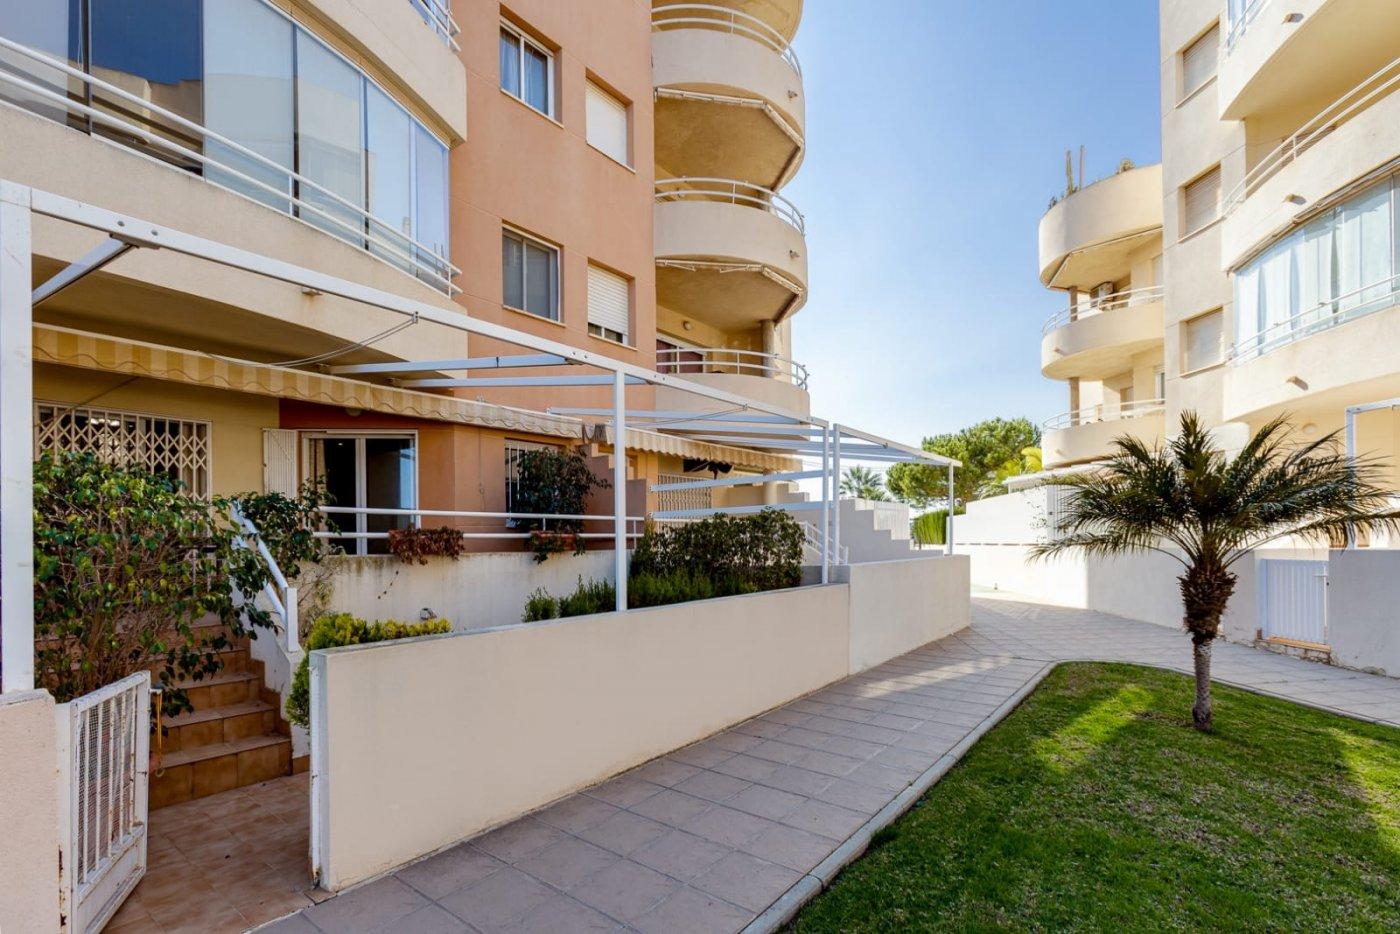 Appartement in Orihuela Costa - Bestaande bouw - Van Dam Estates